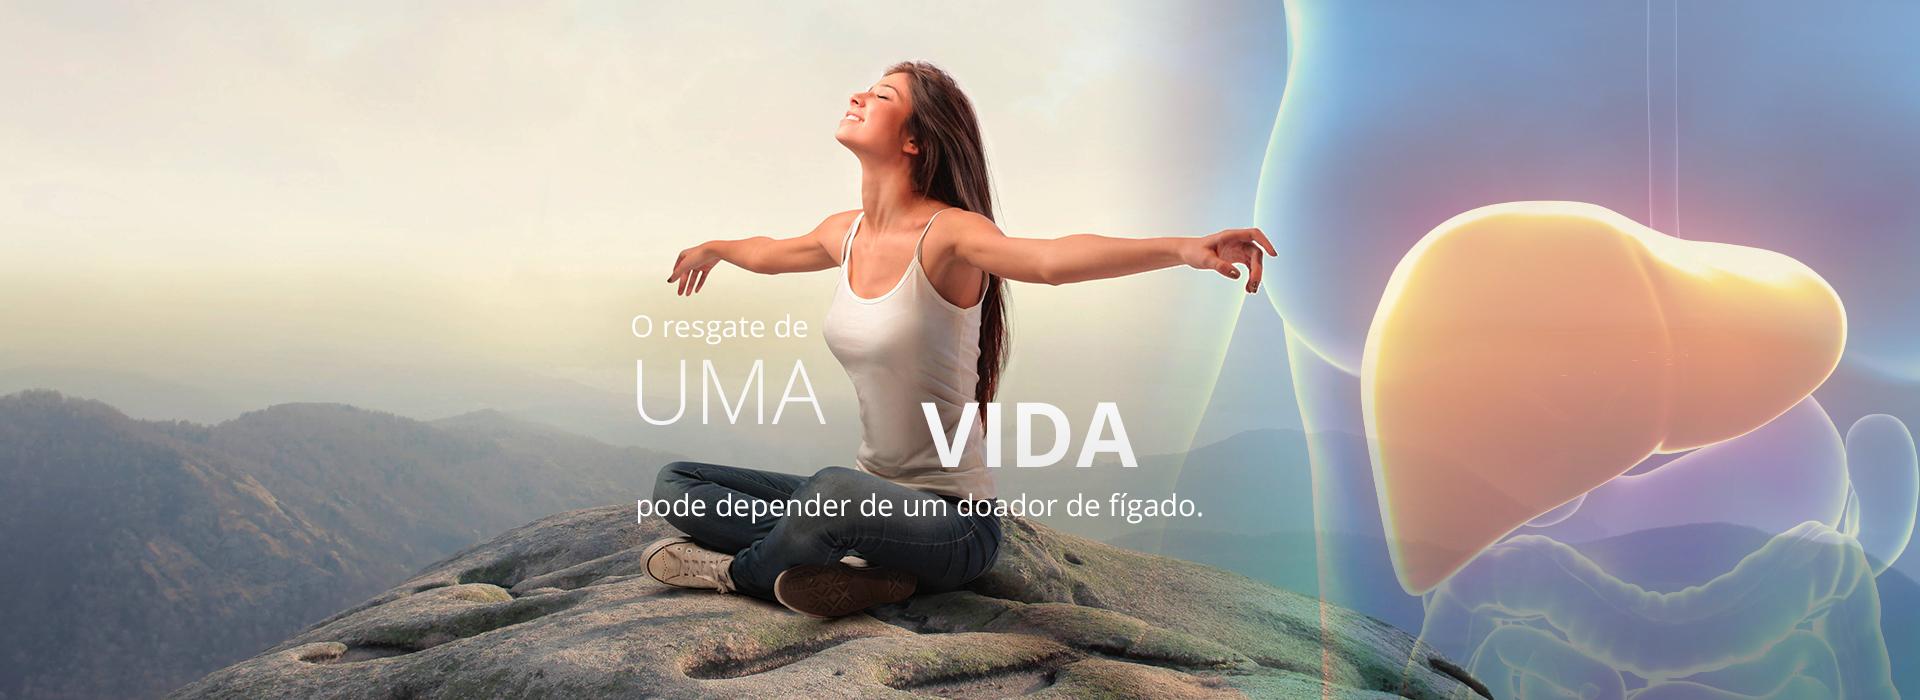 O resgate de uma vida pode depender de um doador de fígado | Dr. Luiz Carneiro CRM 22761